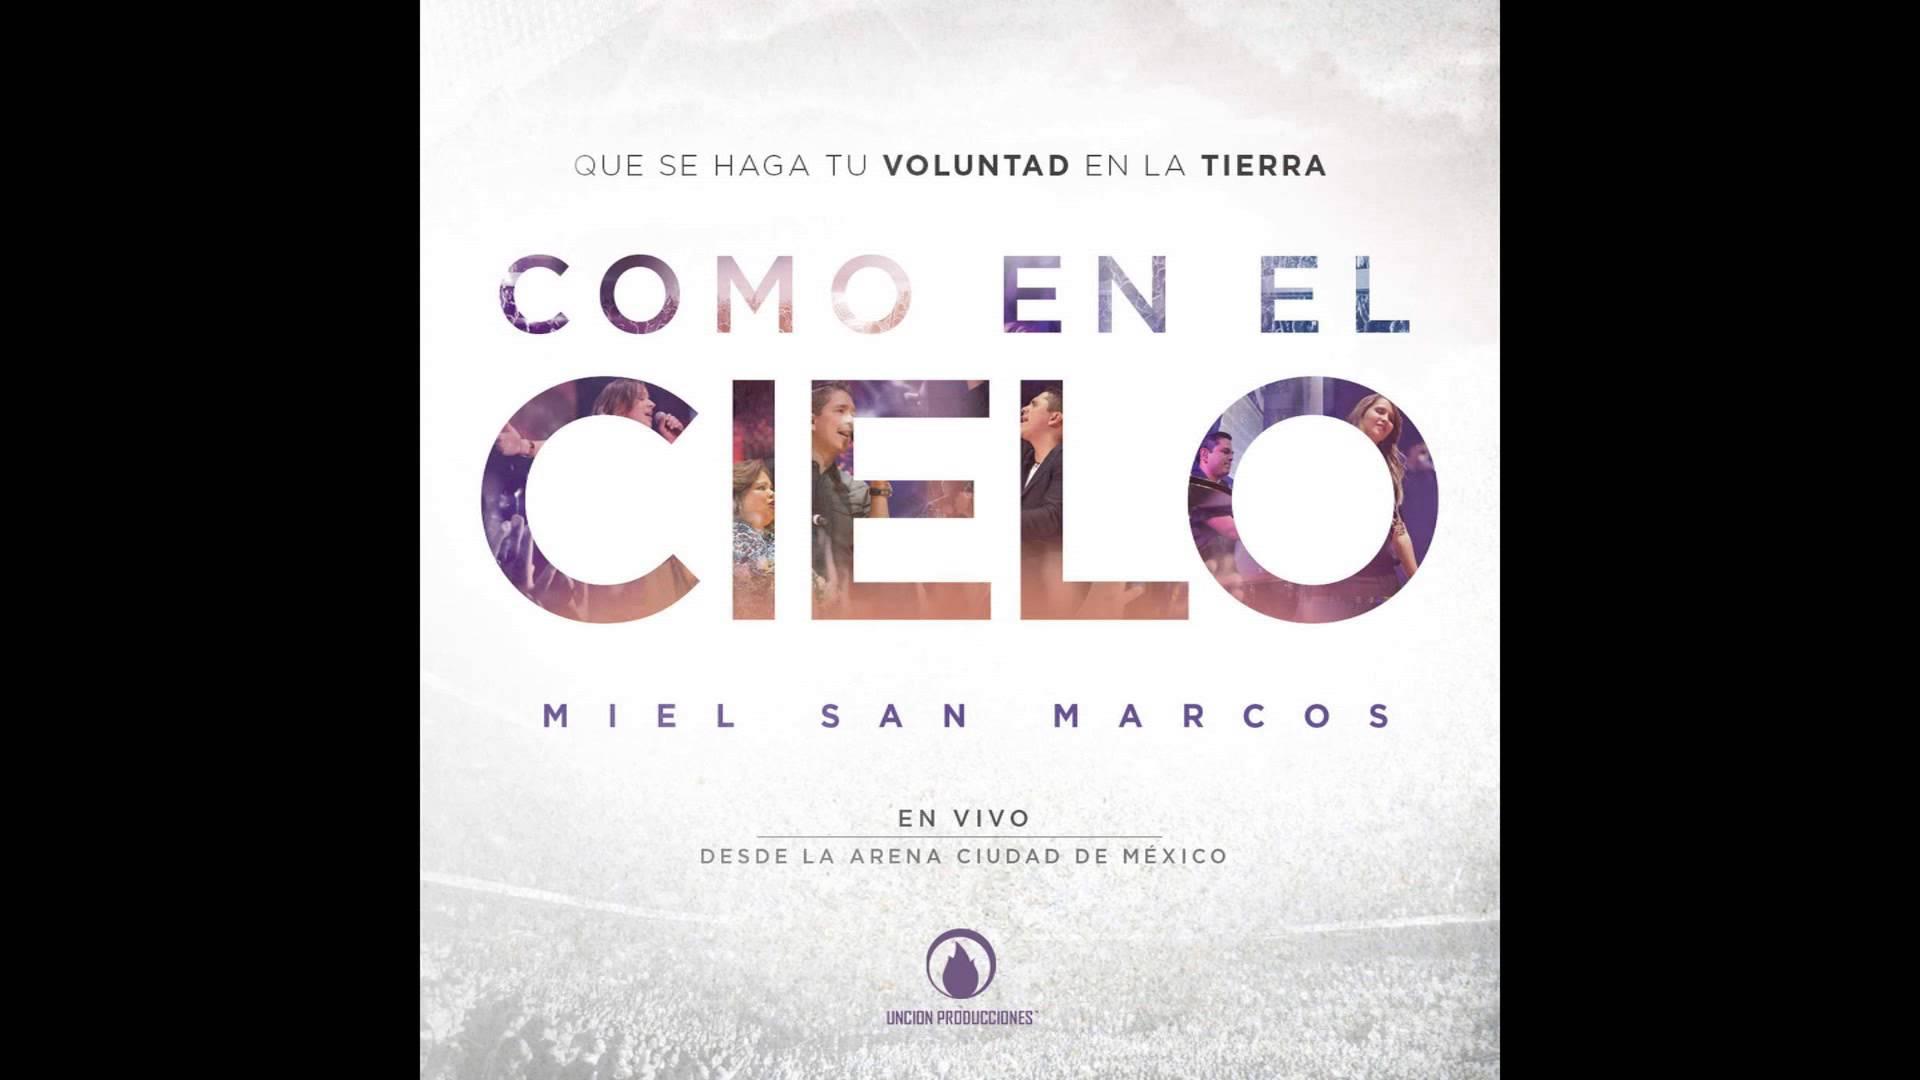 Miel San Marcos Feat Julio Melgar - Como en el cielo